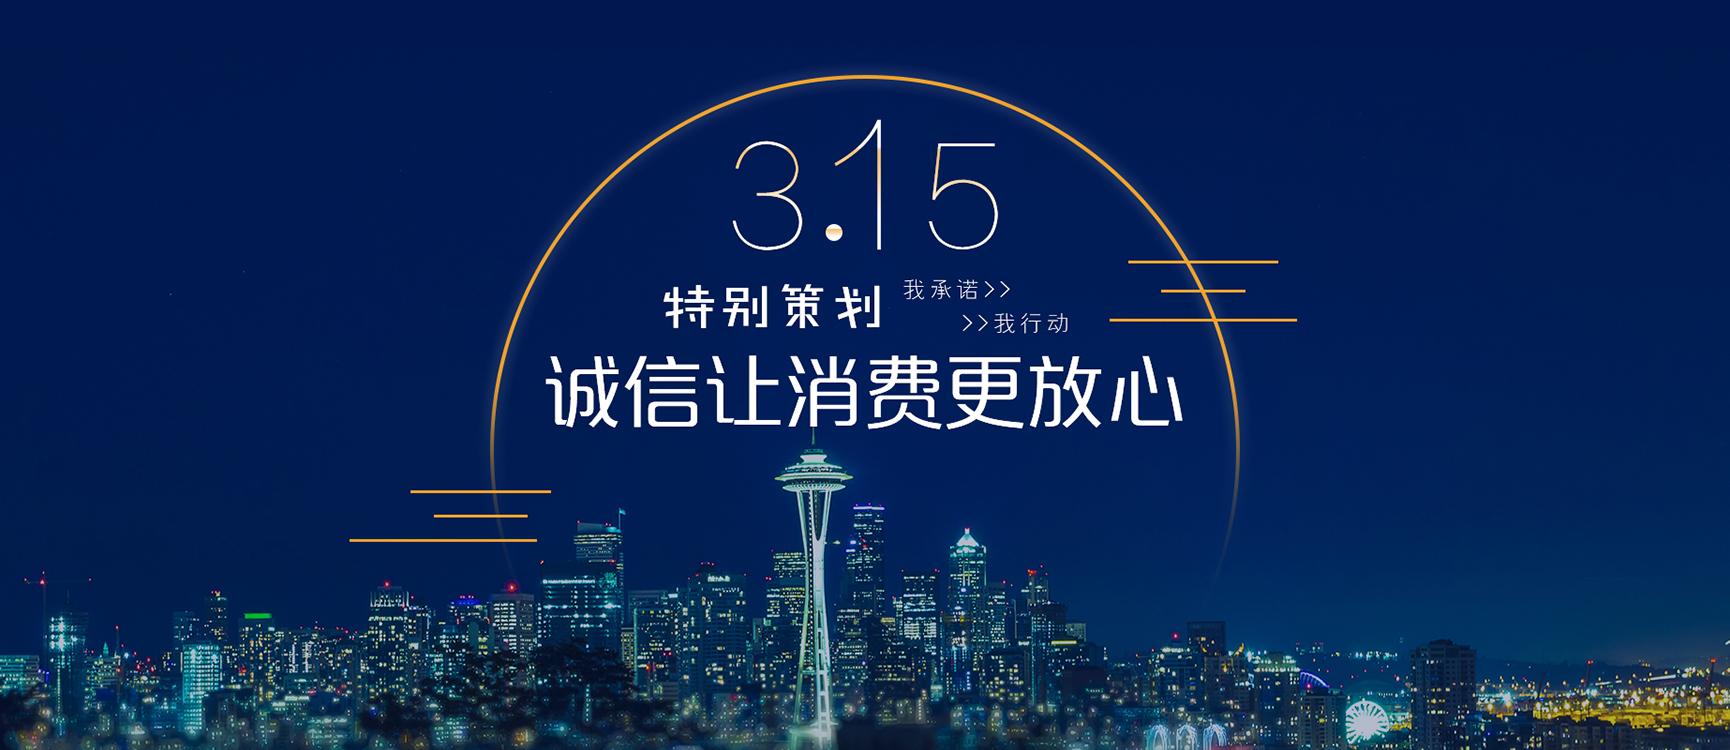 【专题】诚信让消费更放心——中国木业网315特别策划!